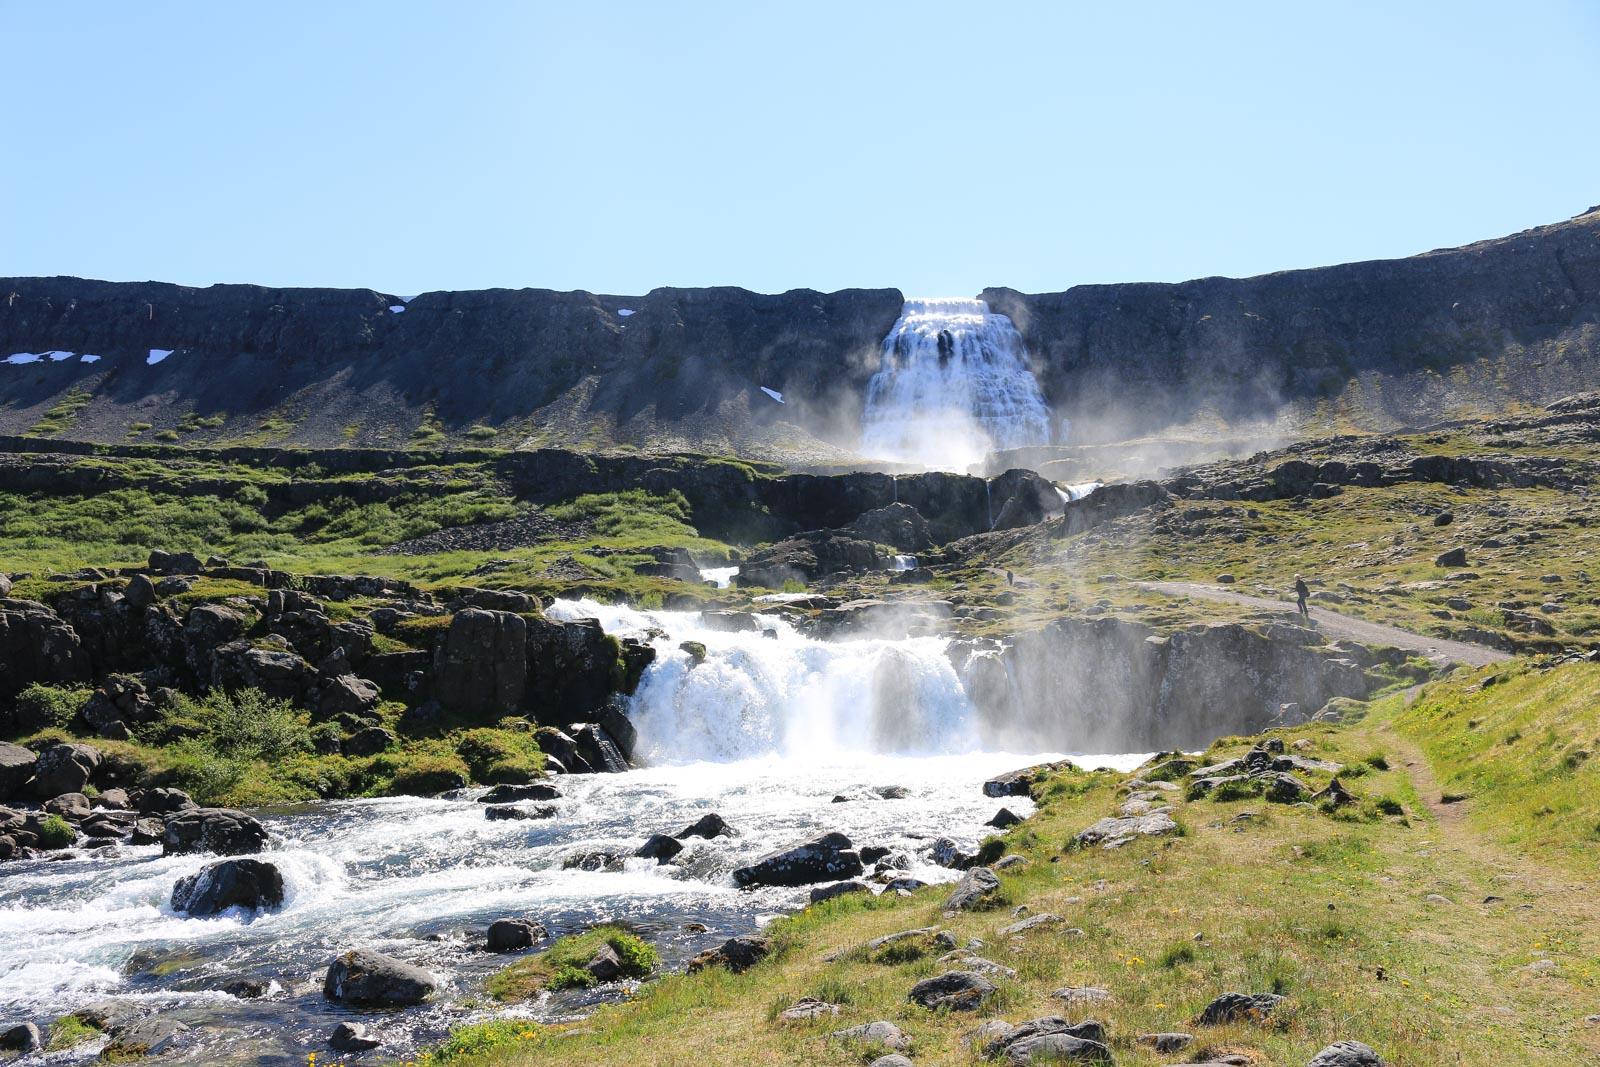 Der Dynjandifoss ist der bekannteste Wasserfall in den Westfjorden von Island.